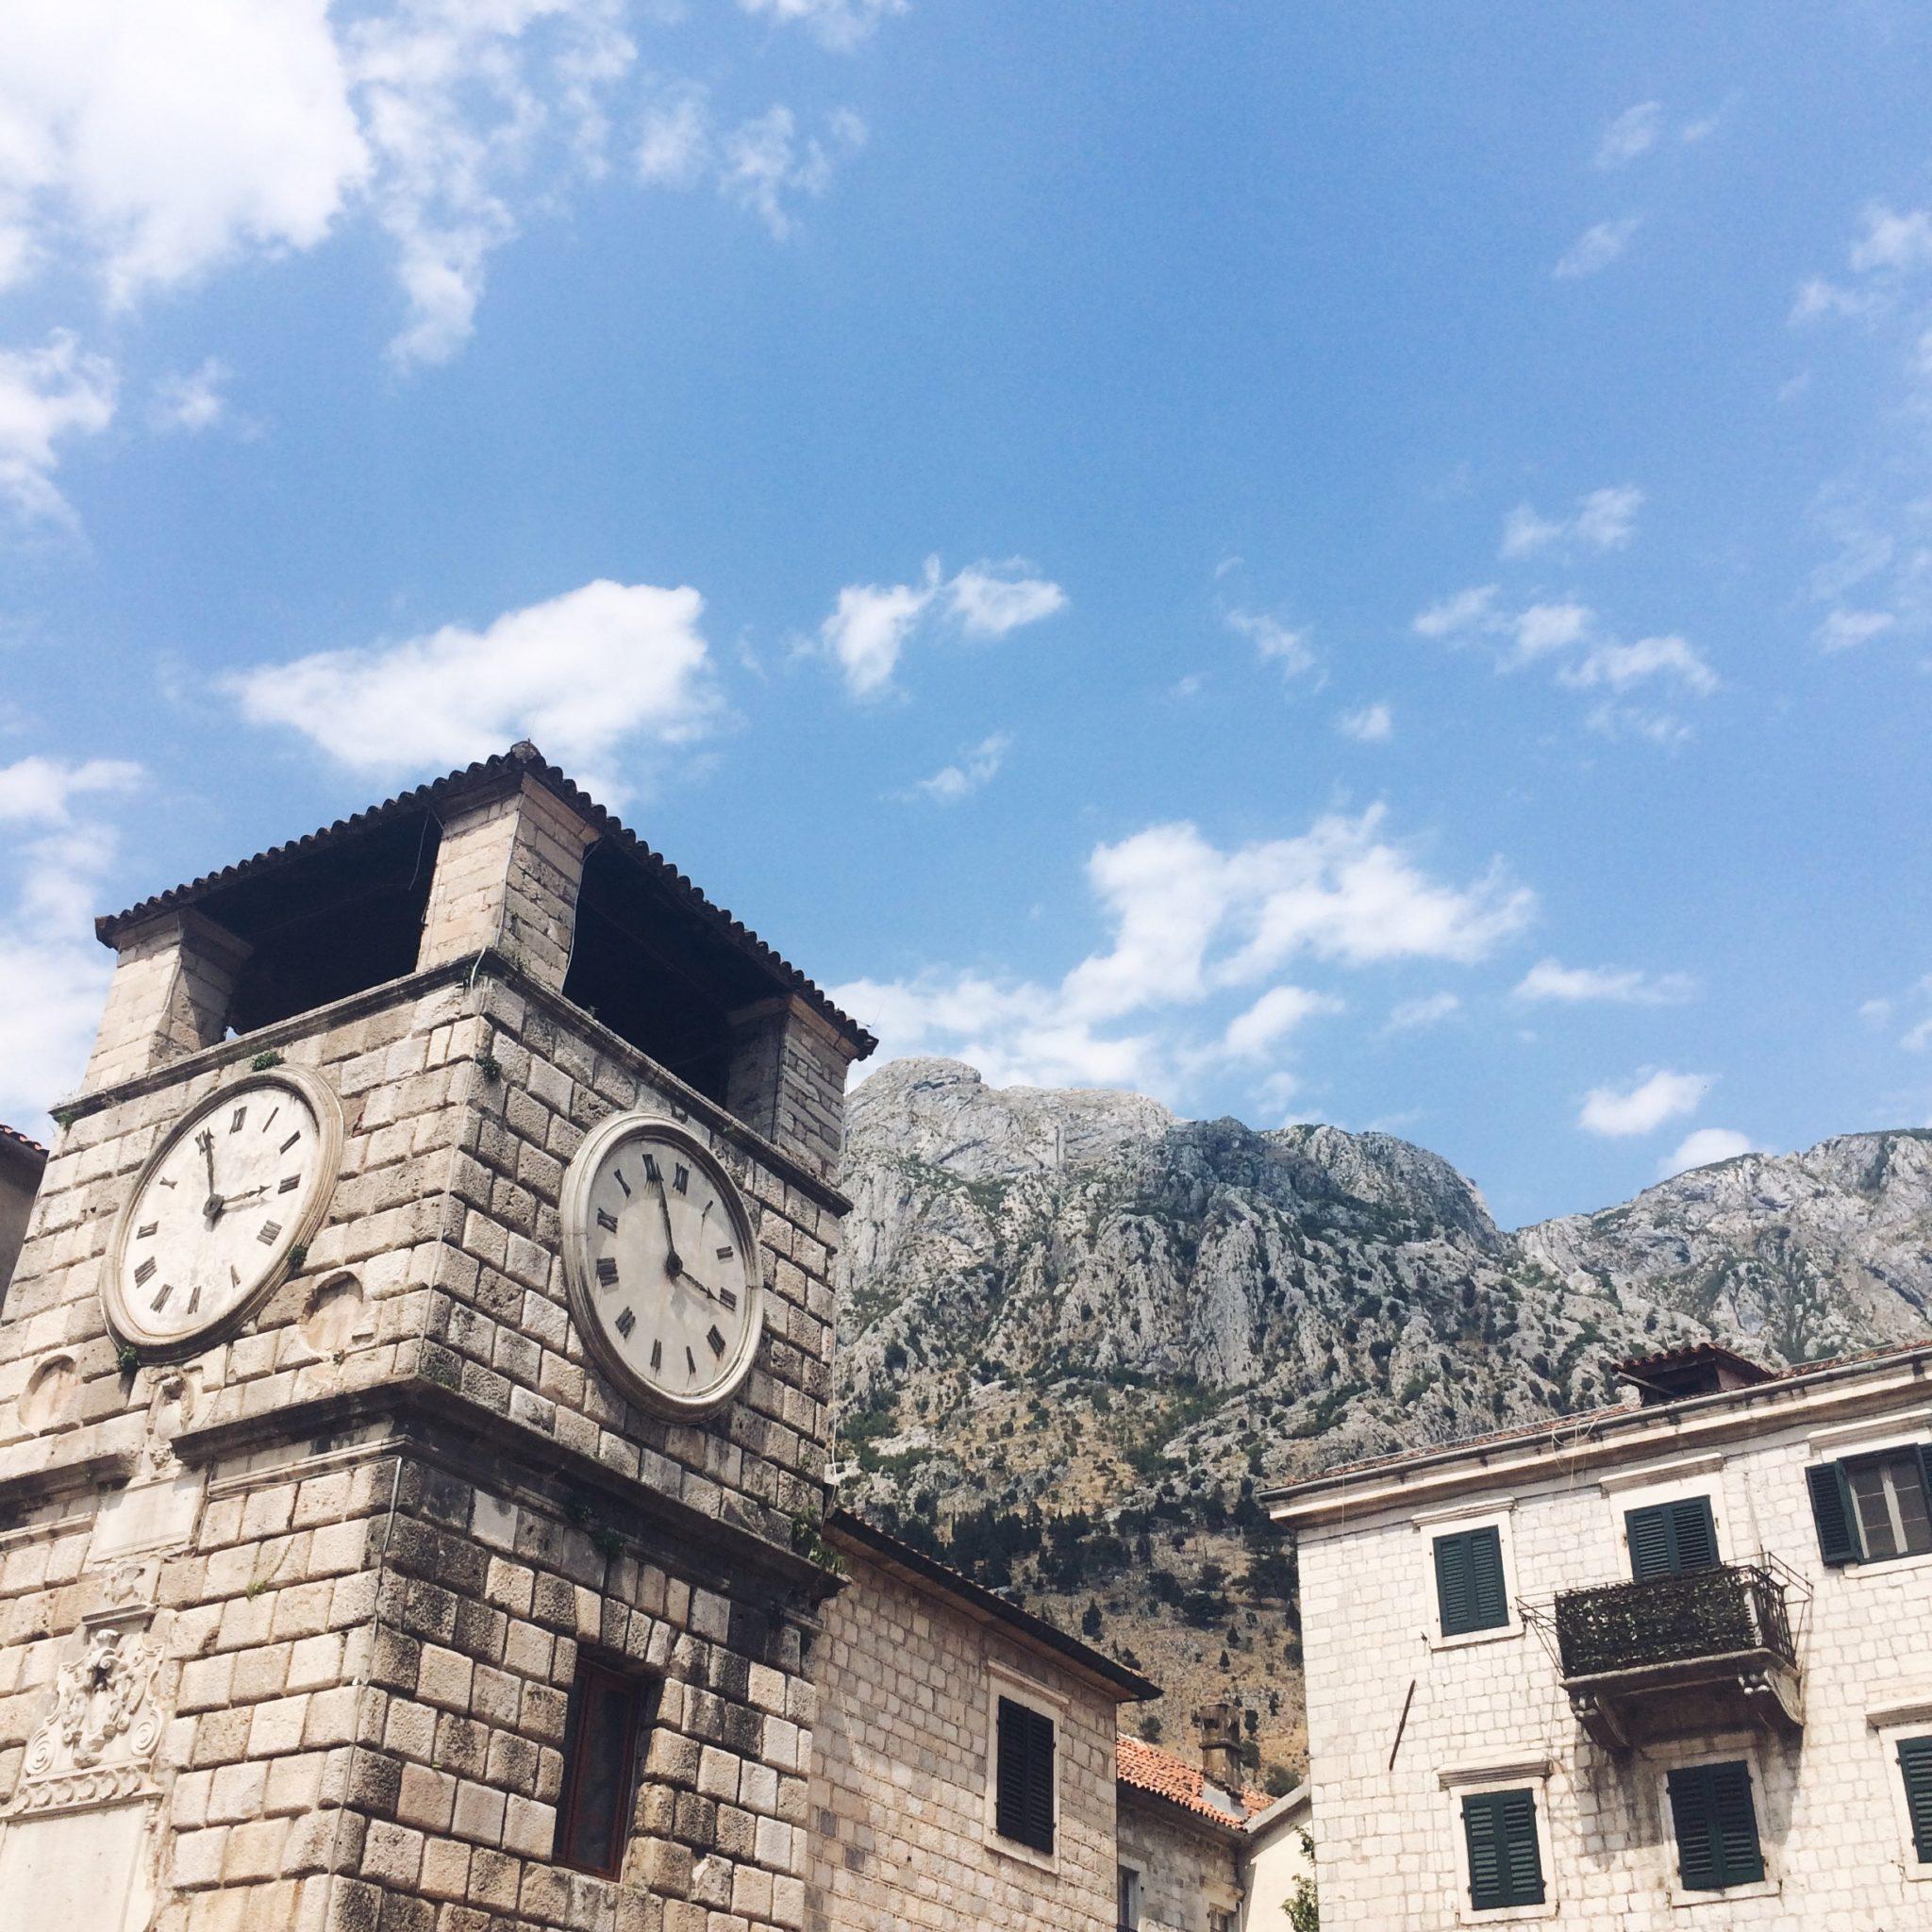 Kotor, Wieża Zegarowa